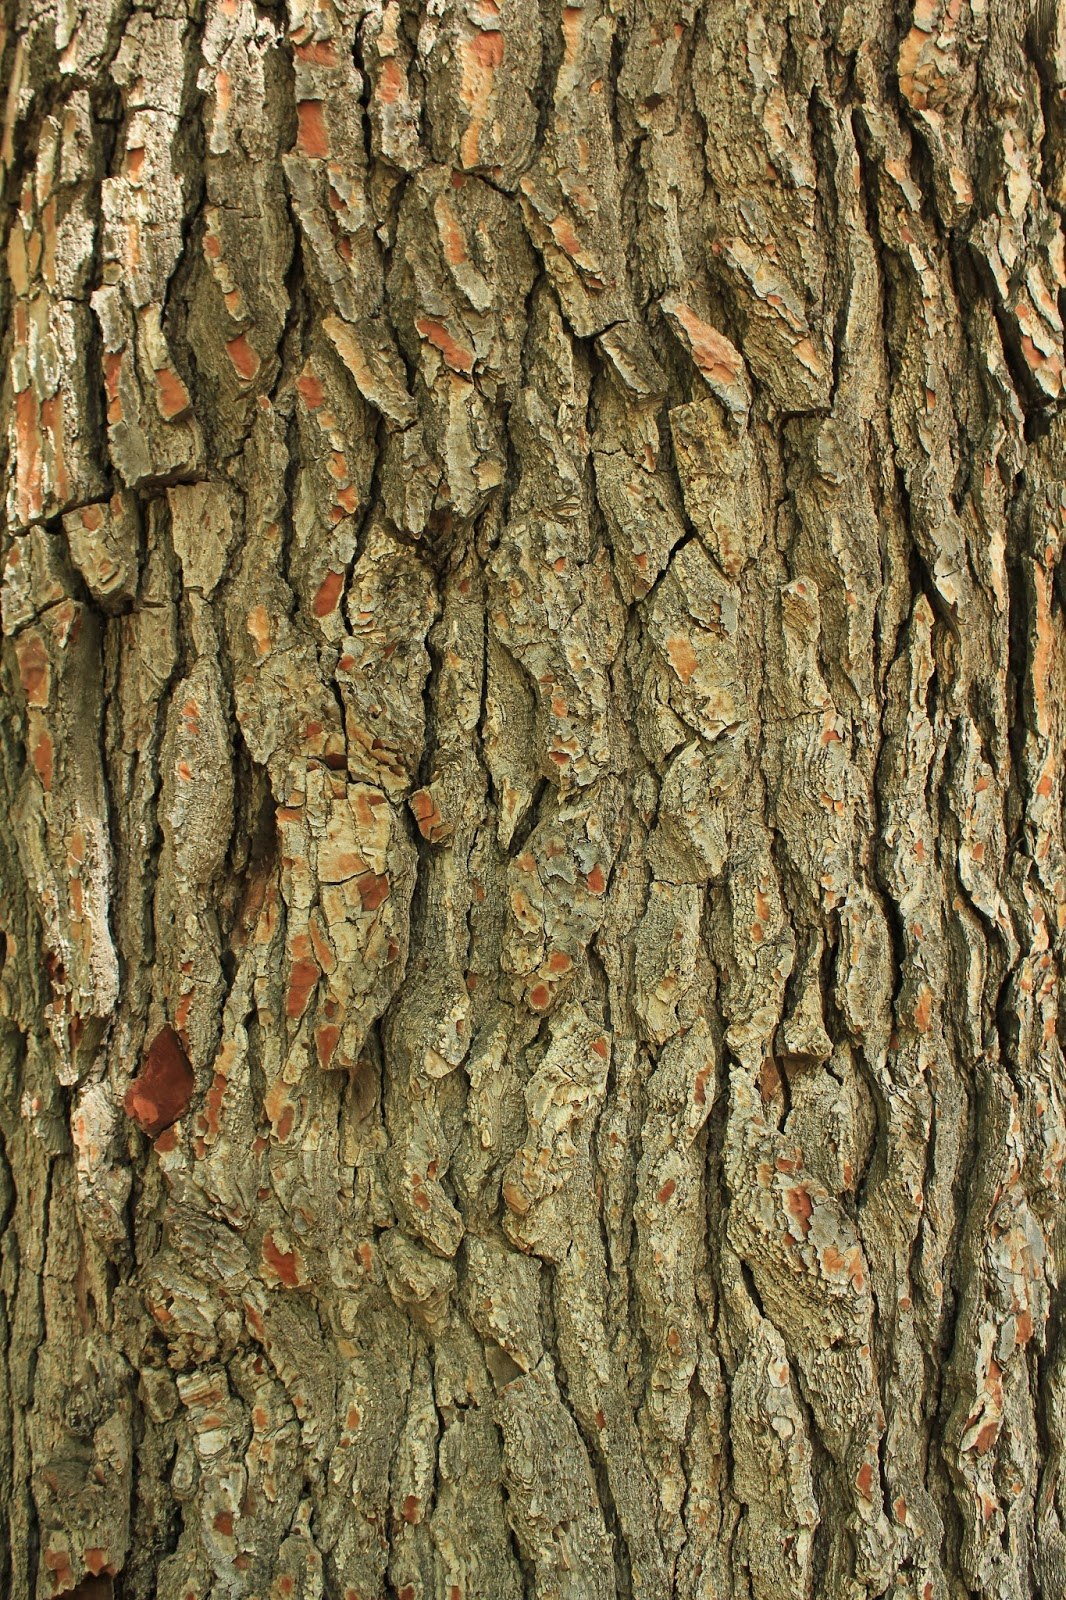 Rboles de albacete pino carrasco pinus halepensis - Corteza de pino ...